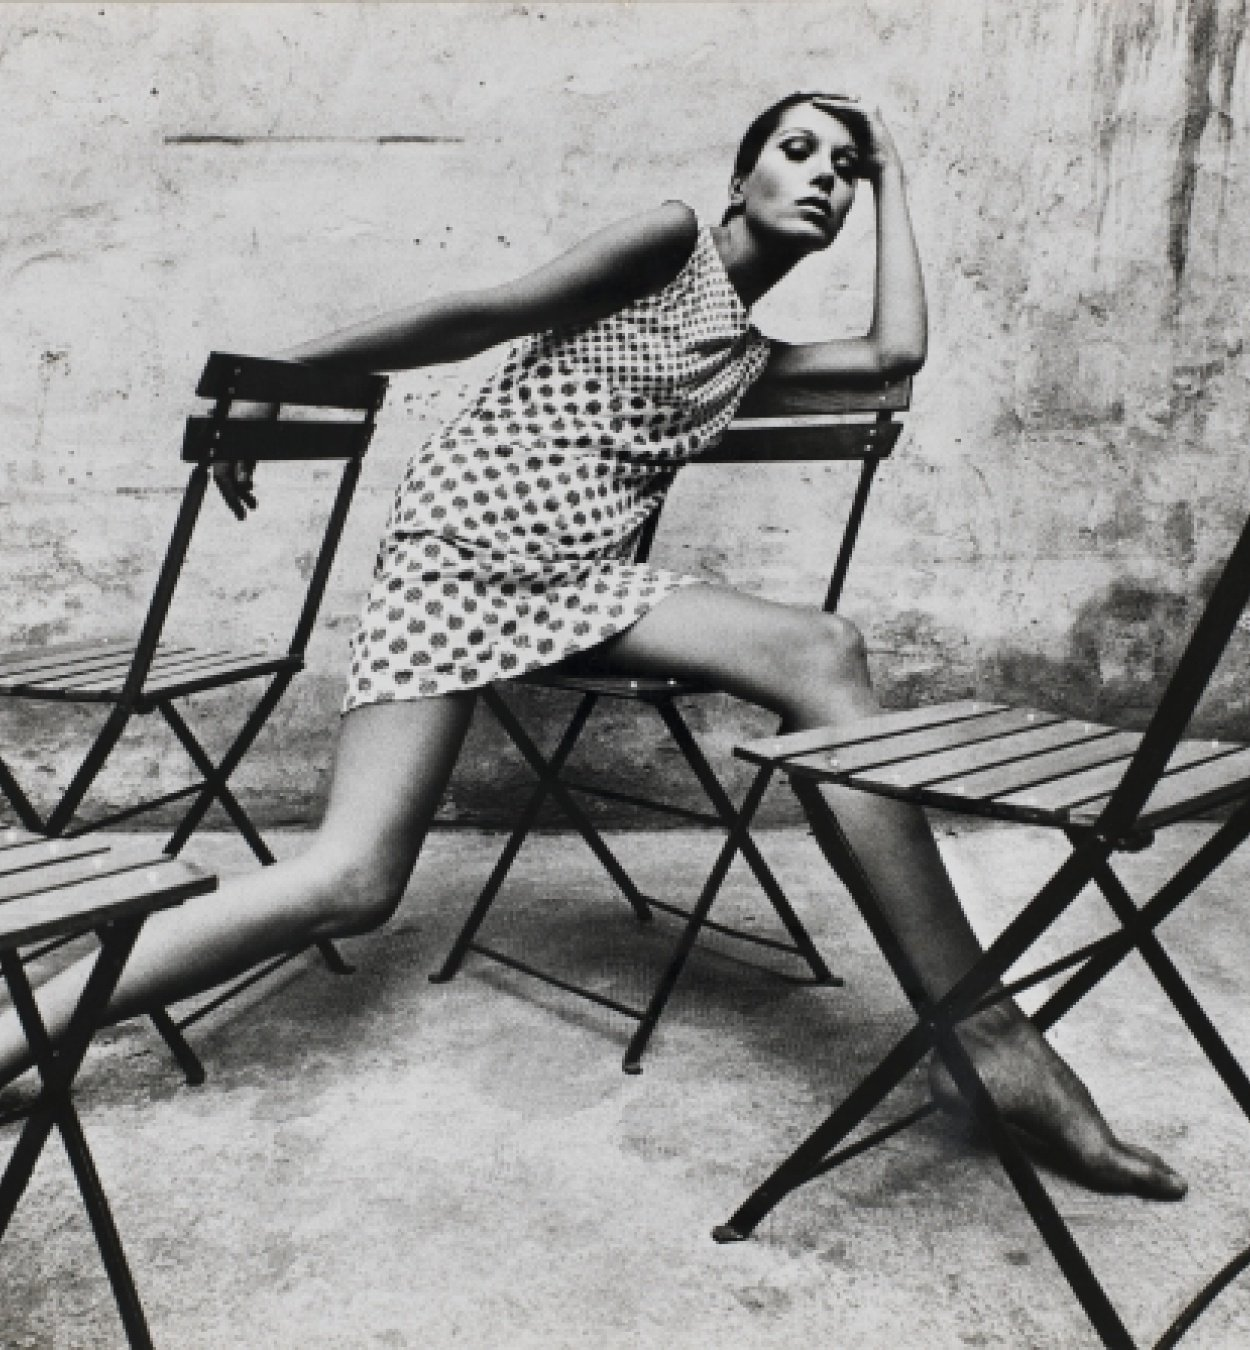 Oriol Maspons. Retrat Elsa Peretti, 1966. Museu Nacional d'Art de Catalunya, dipòsit de l'artista, 2011 © Arxiu fotogràfic Oriol Maspons, VEGAP, Barcelona, 2019